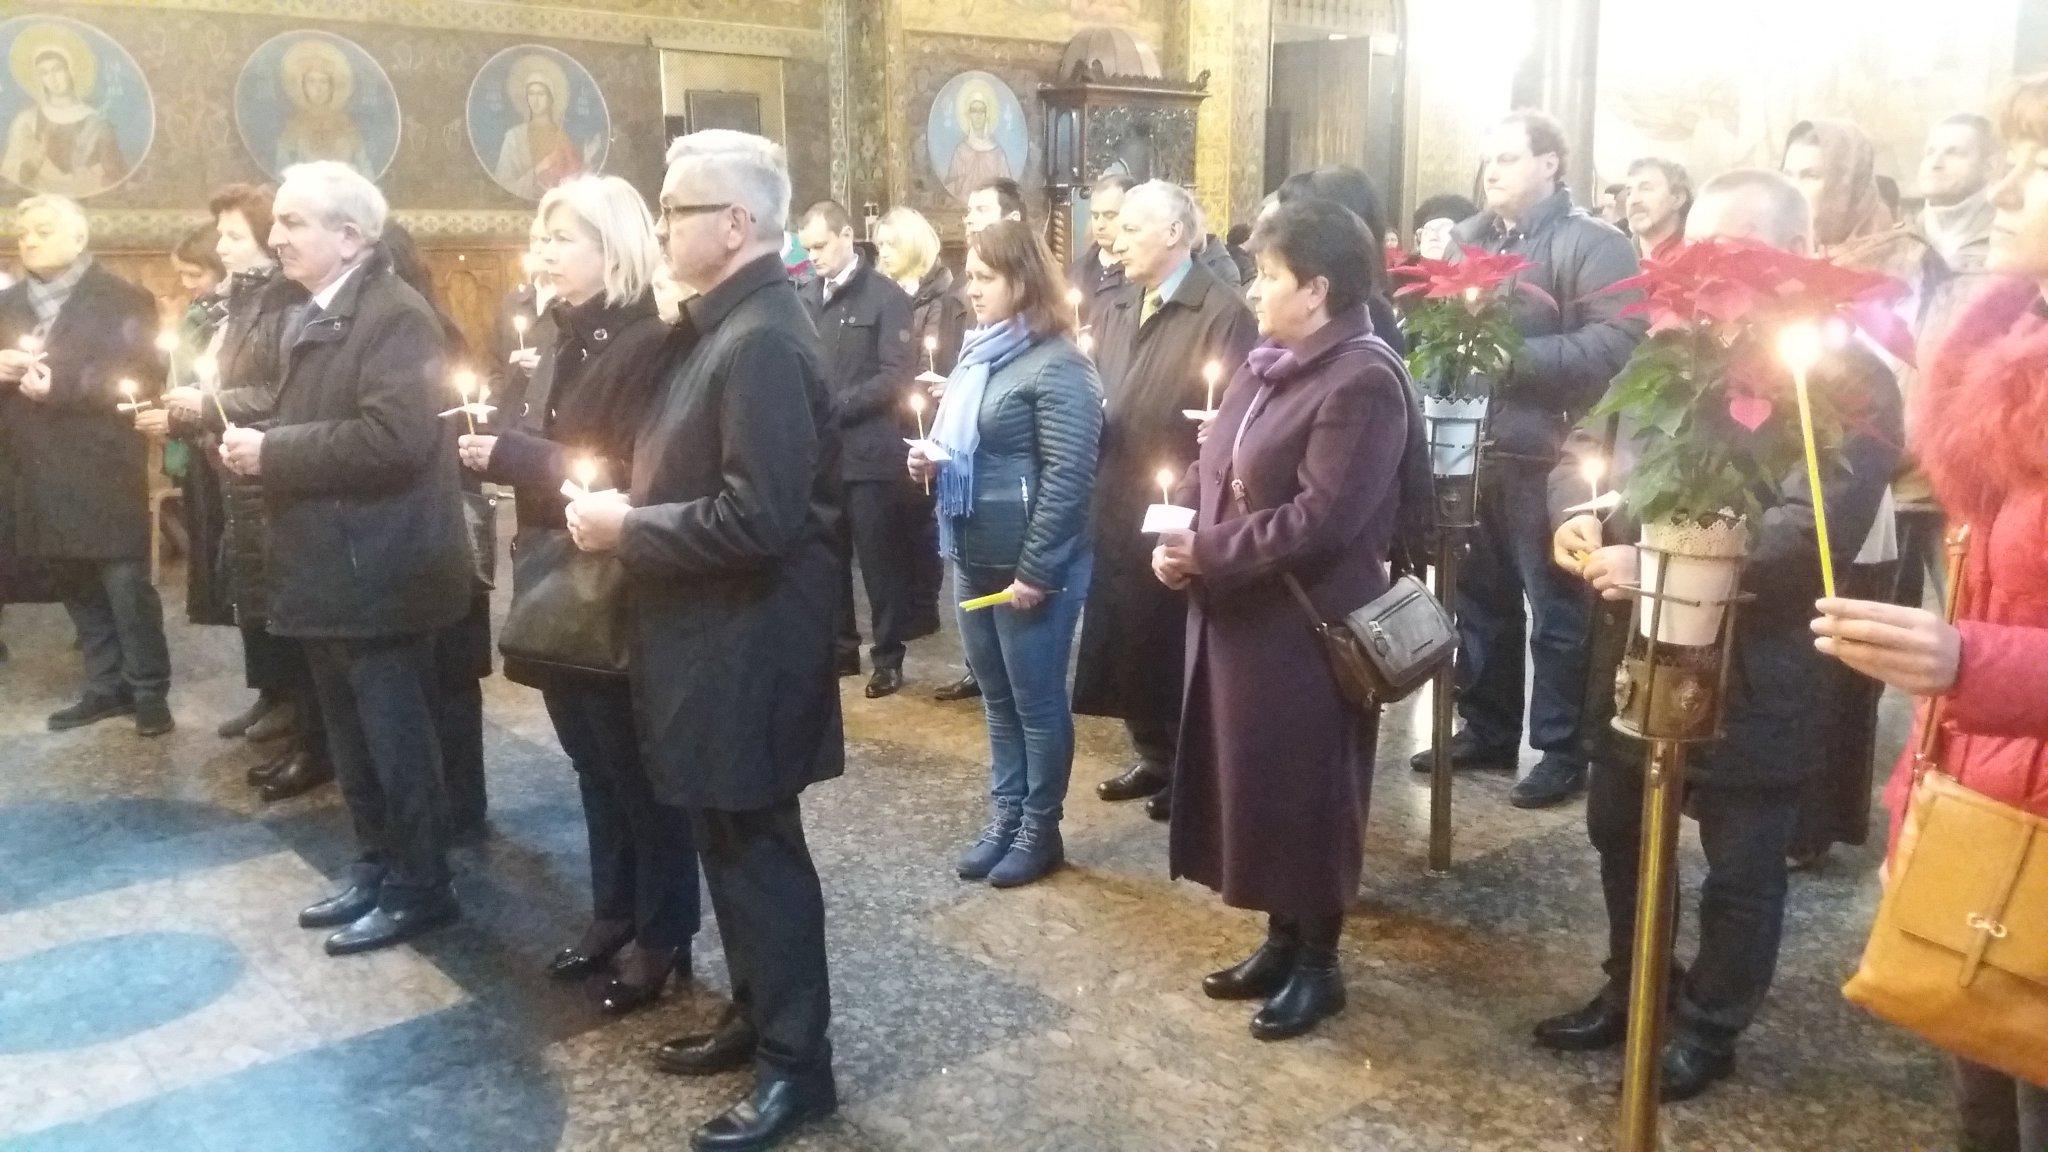 #Holodomor В Софії відбулася  поминальна літургія з нагоди вшанування жертв Голодоморів в Україні https://t.co/u8jHVhyzcG